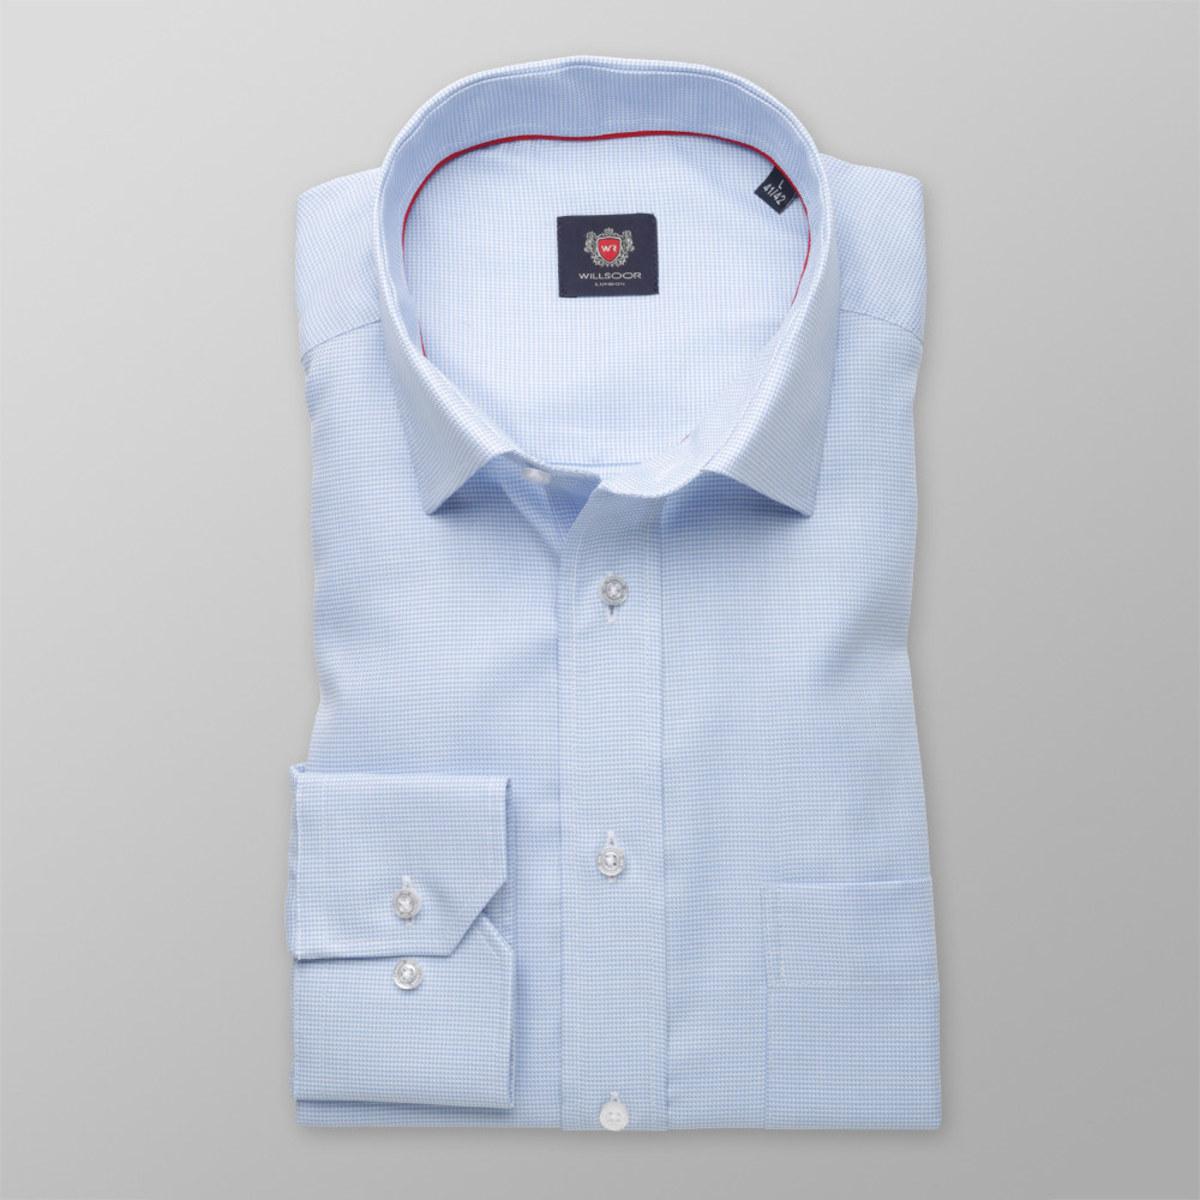 Pánská klasická košile London (výška 198-204) 8320 v modré barvě 198-204 / XL (Límeček 43/44)